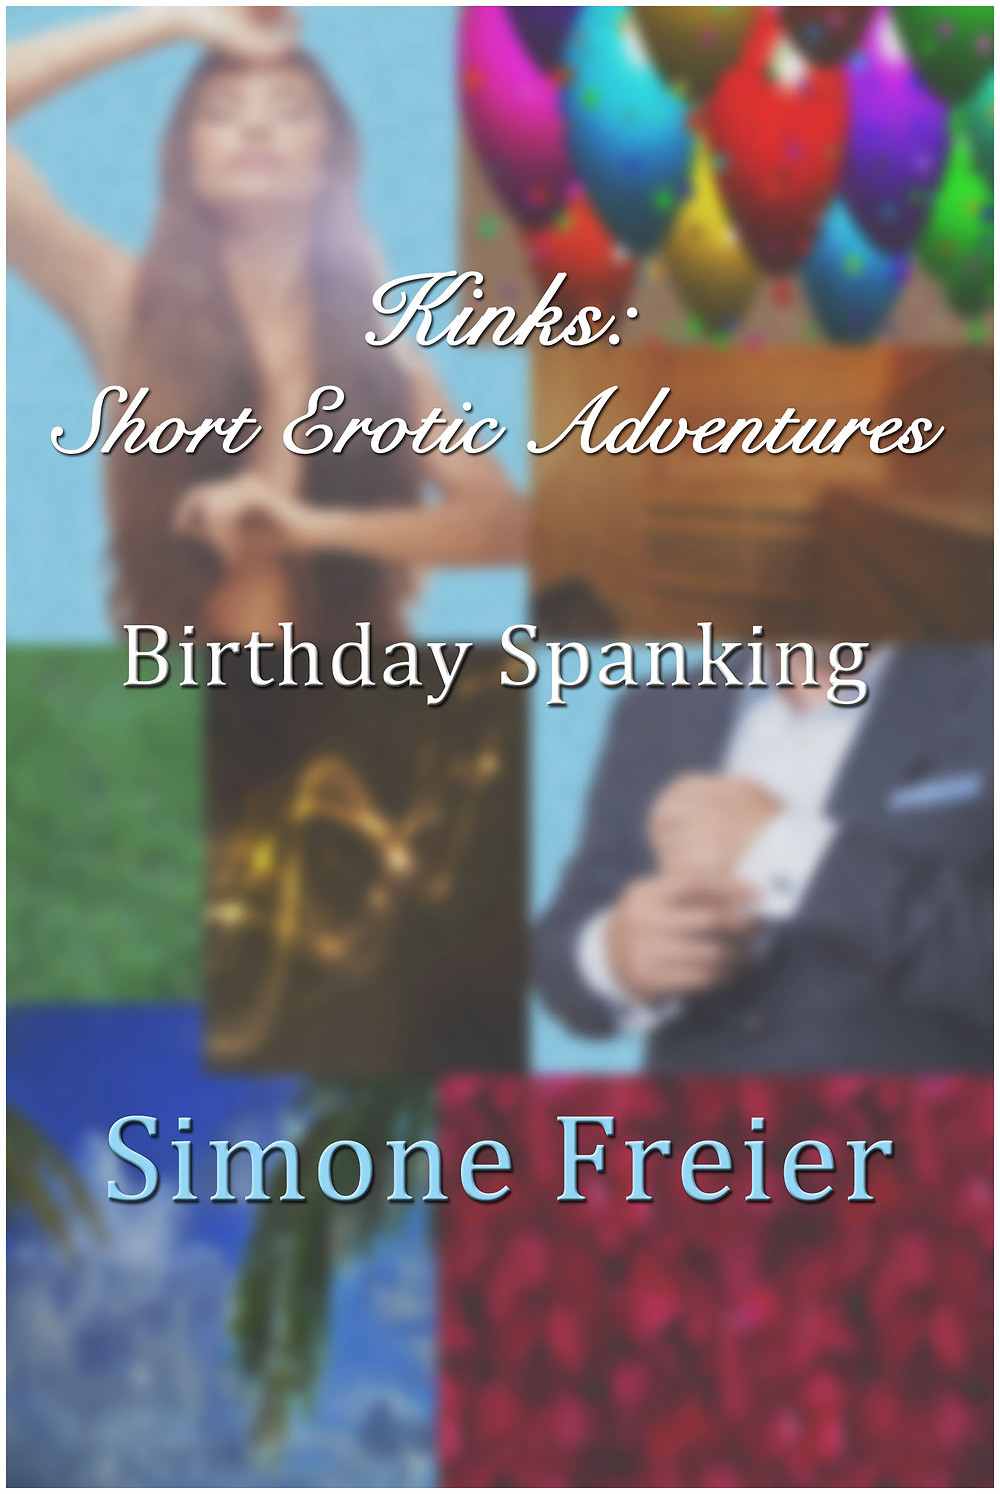 Birthday Spanking.jpg